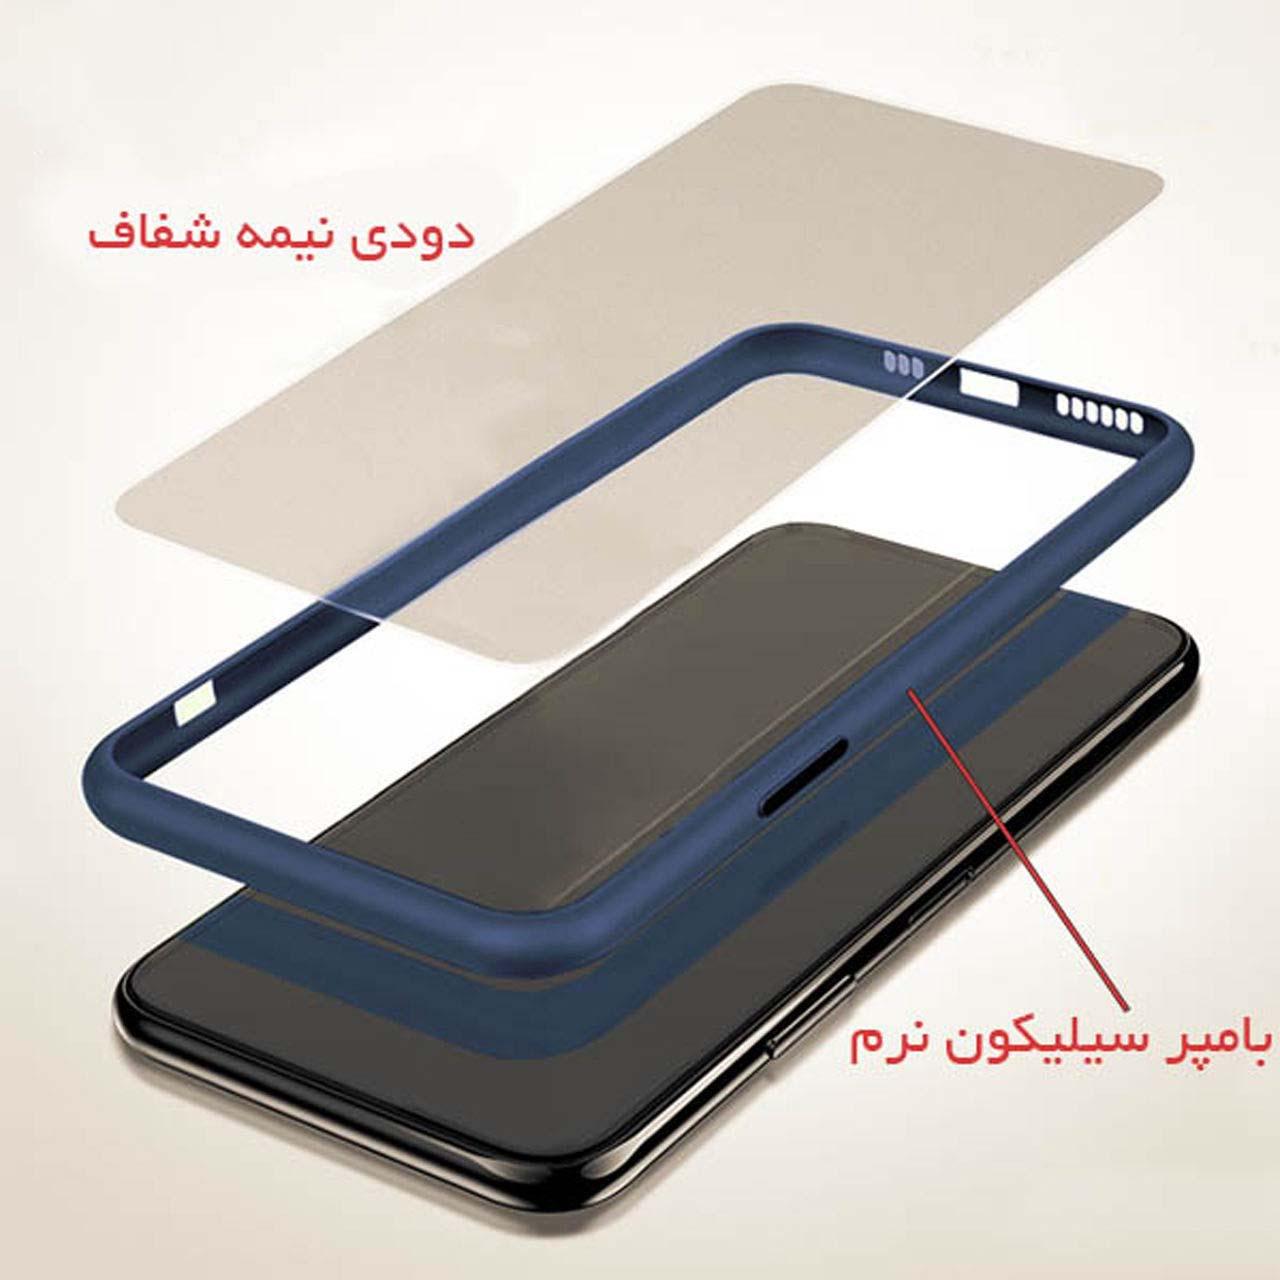 کاور کینگ پاور مدل M22 مناسب برای گوشی موبایل شیائومی Redmi Note 8 Pro main 1 6